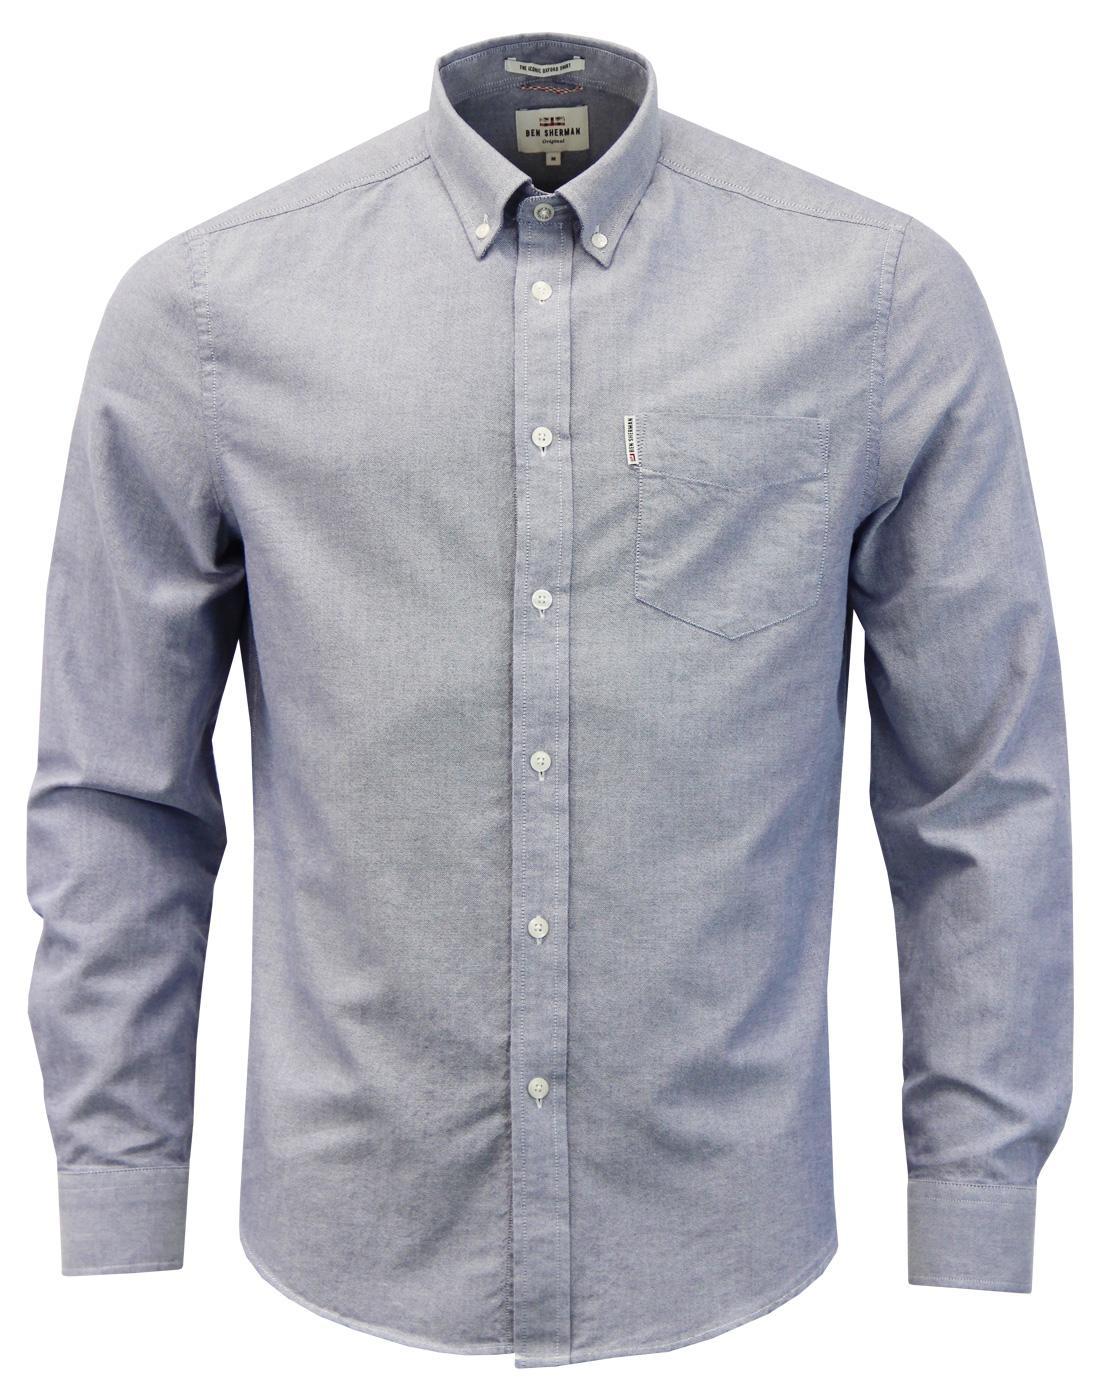 BEN SHERMAN Men's Mod Button Down Oxford Shirt Bl